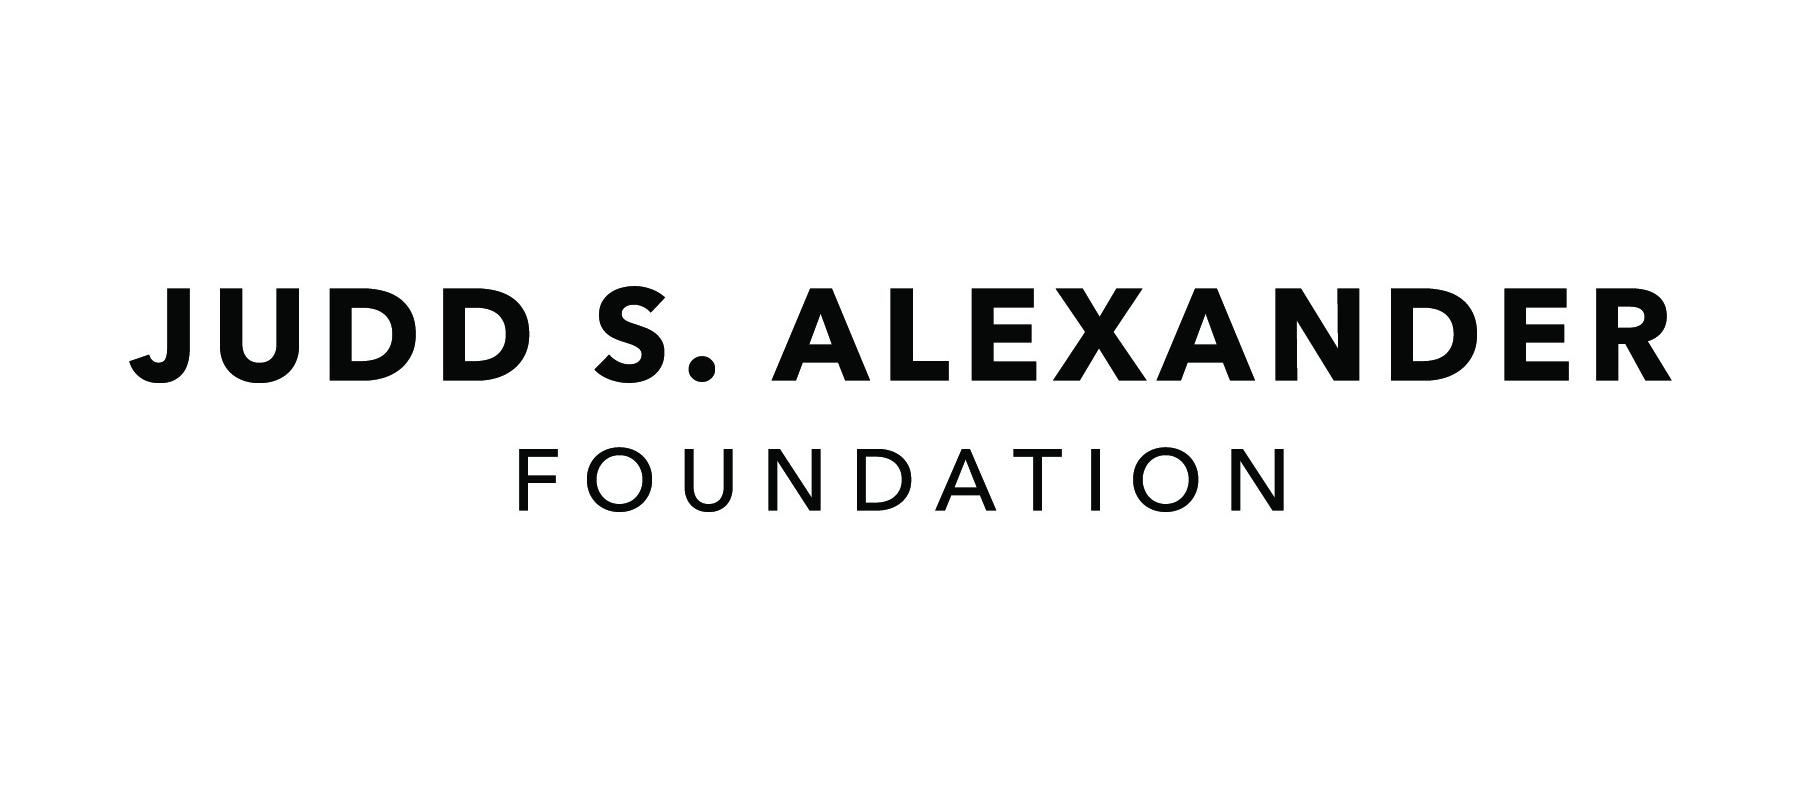 Judd S. Alexander Foundation Logo